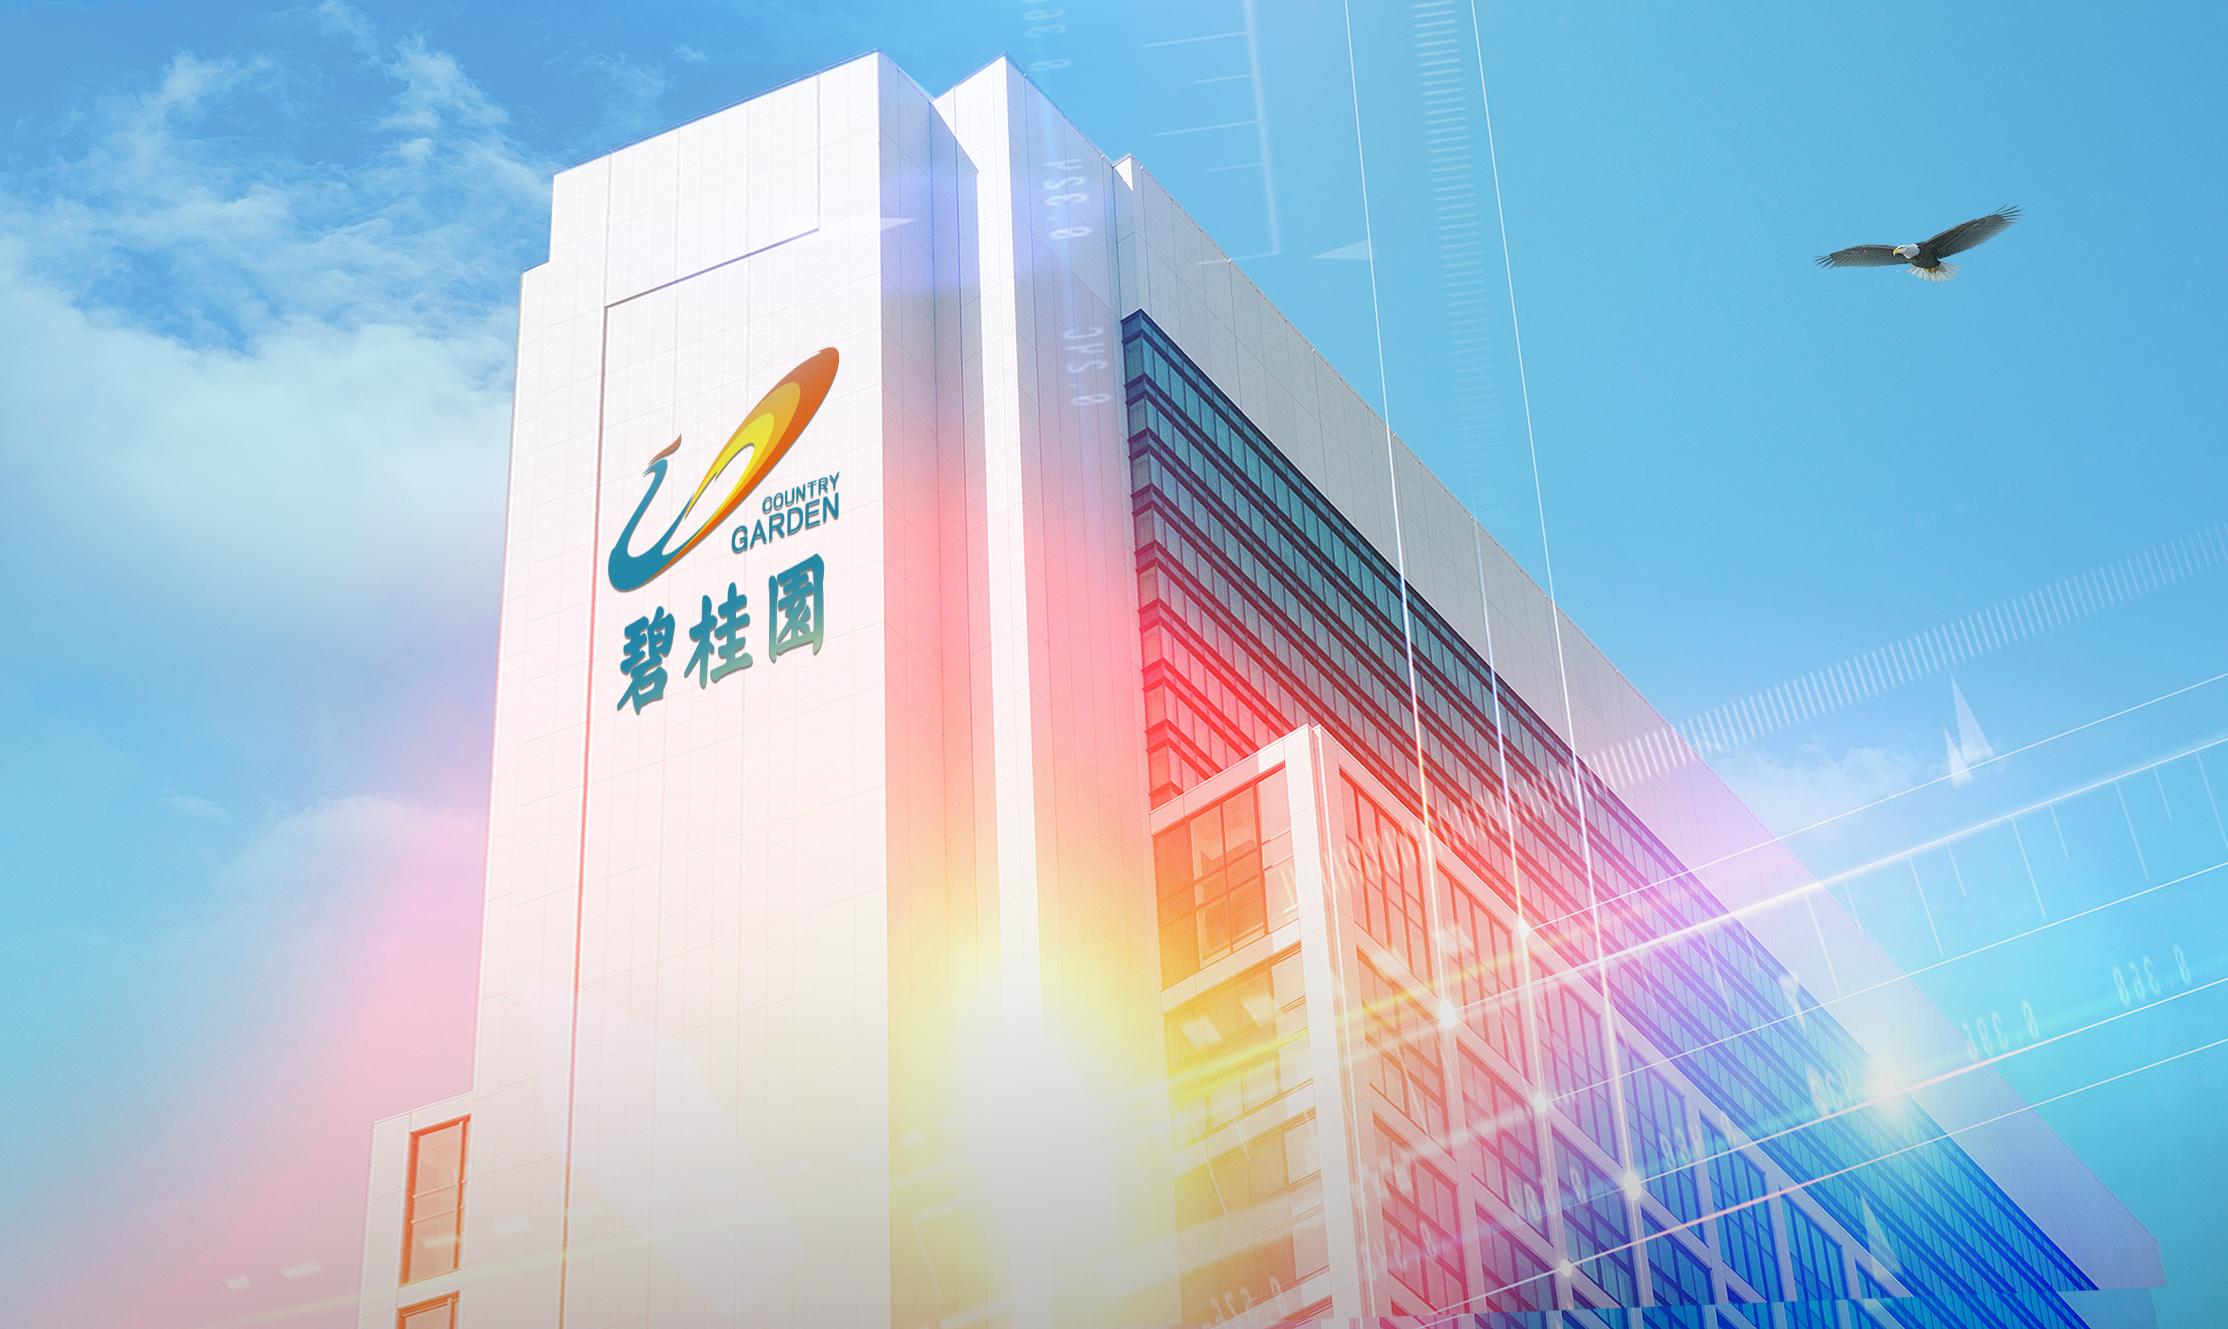 碧桂园6.56亿元底价摘得广州增城区1宗住宅用地